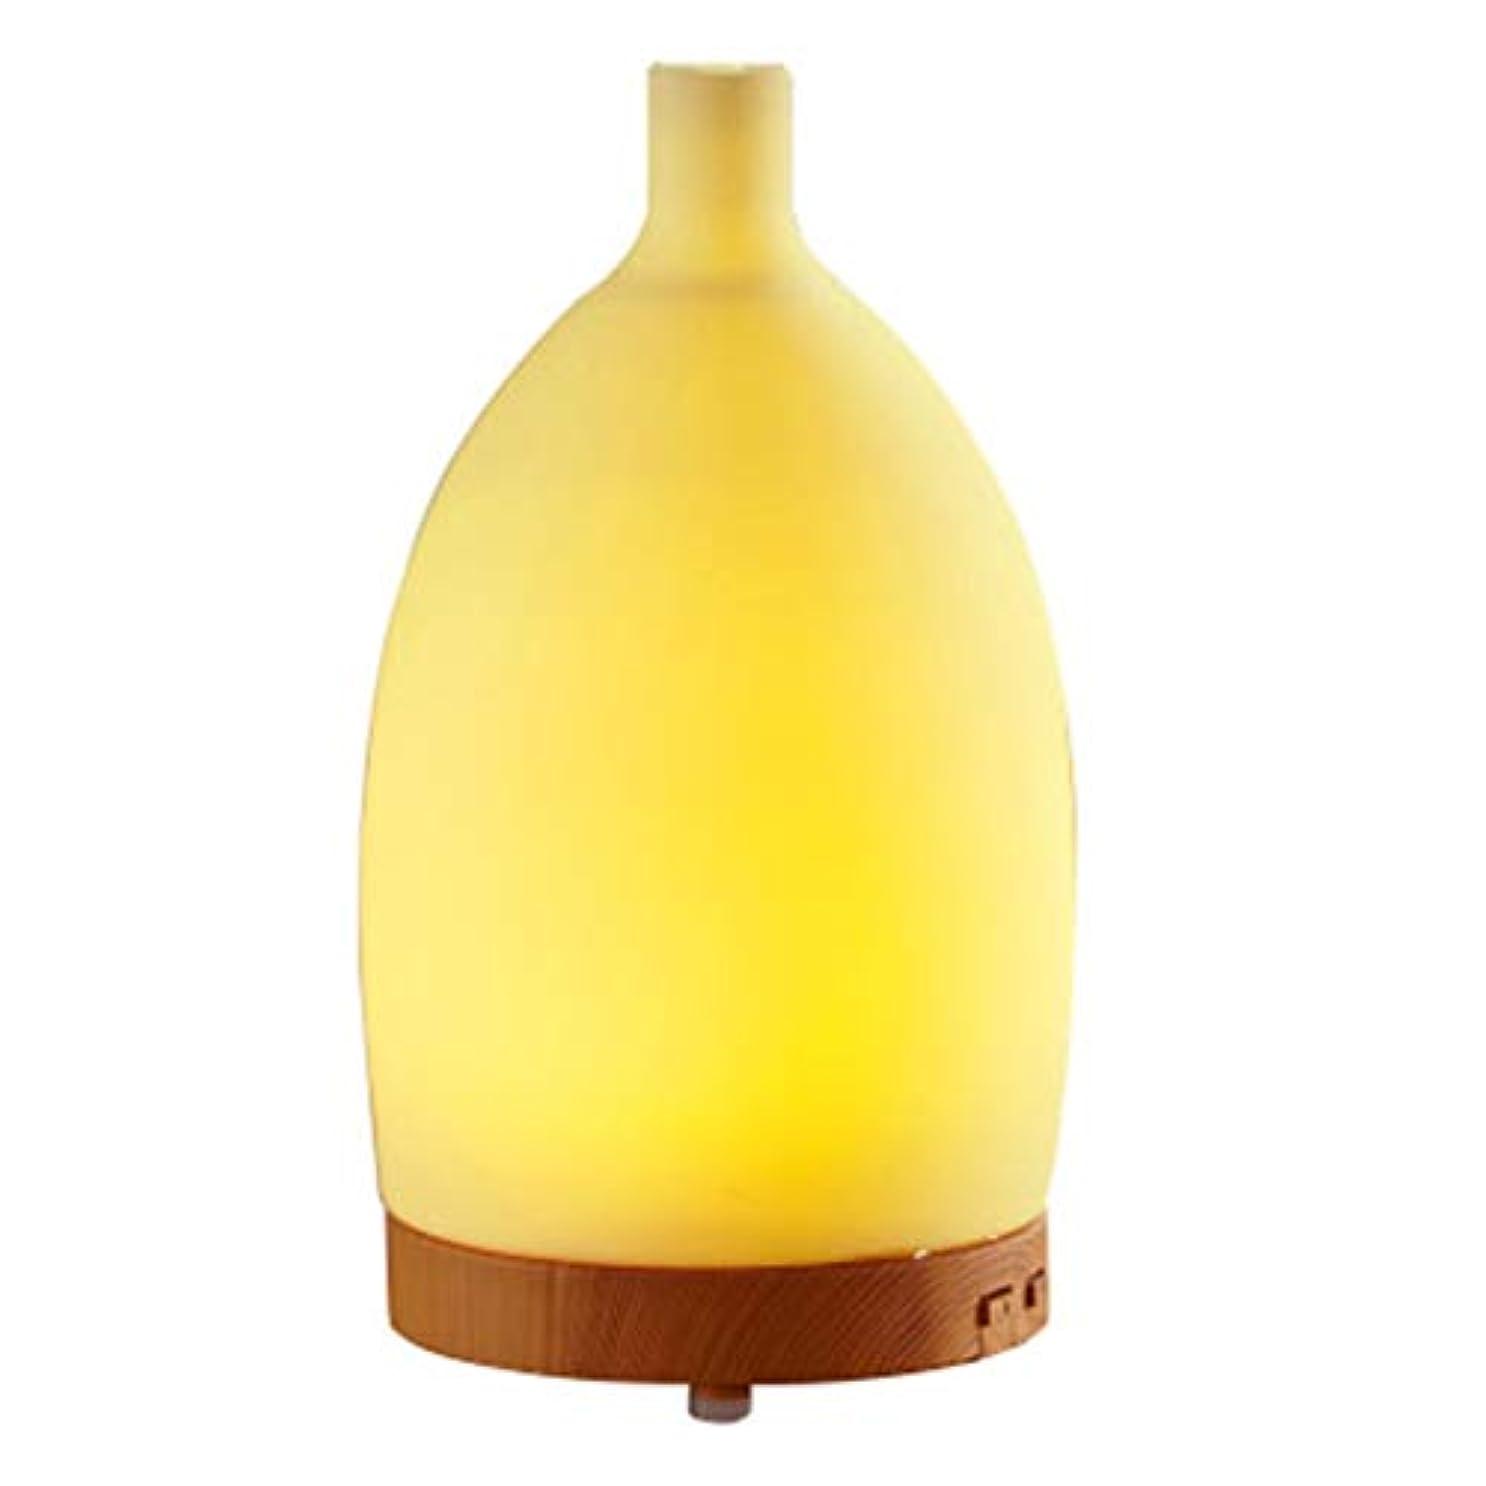 肘体細胞敬の念7つの可変性の色LEDライトが付いている100mlシリコーンの花瓶の加湿器のための精油の拡散器は水の自動オフ浄化の空気を浄化します (Color : Colorful)